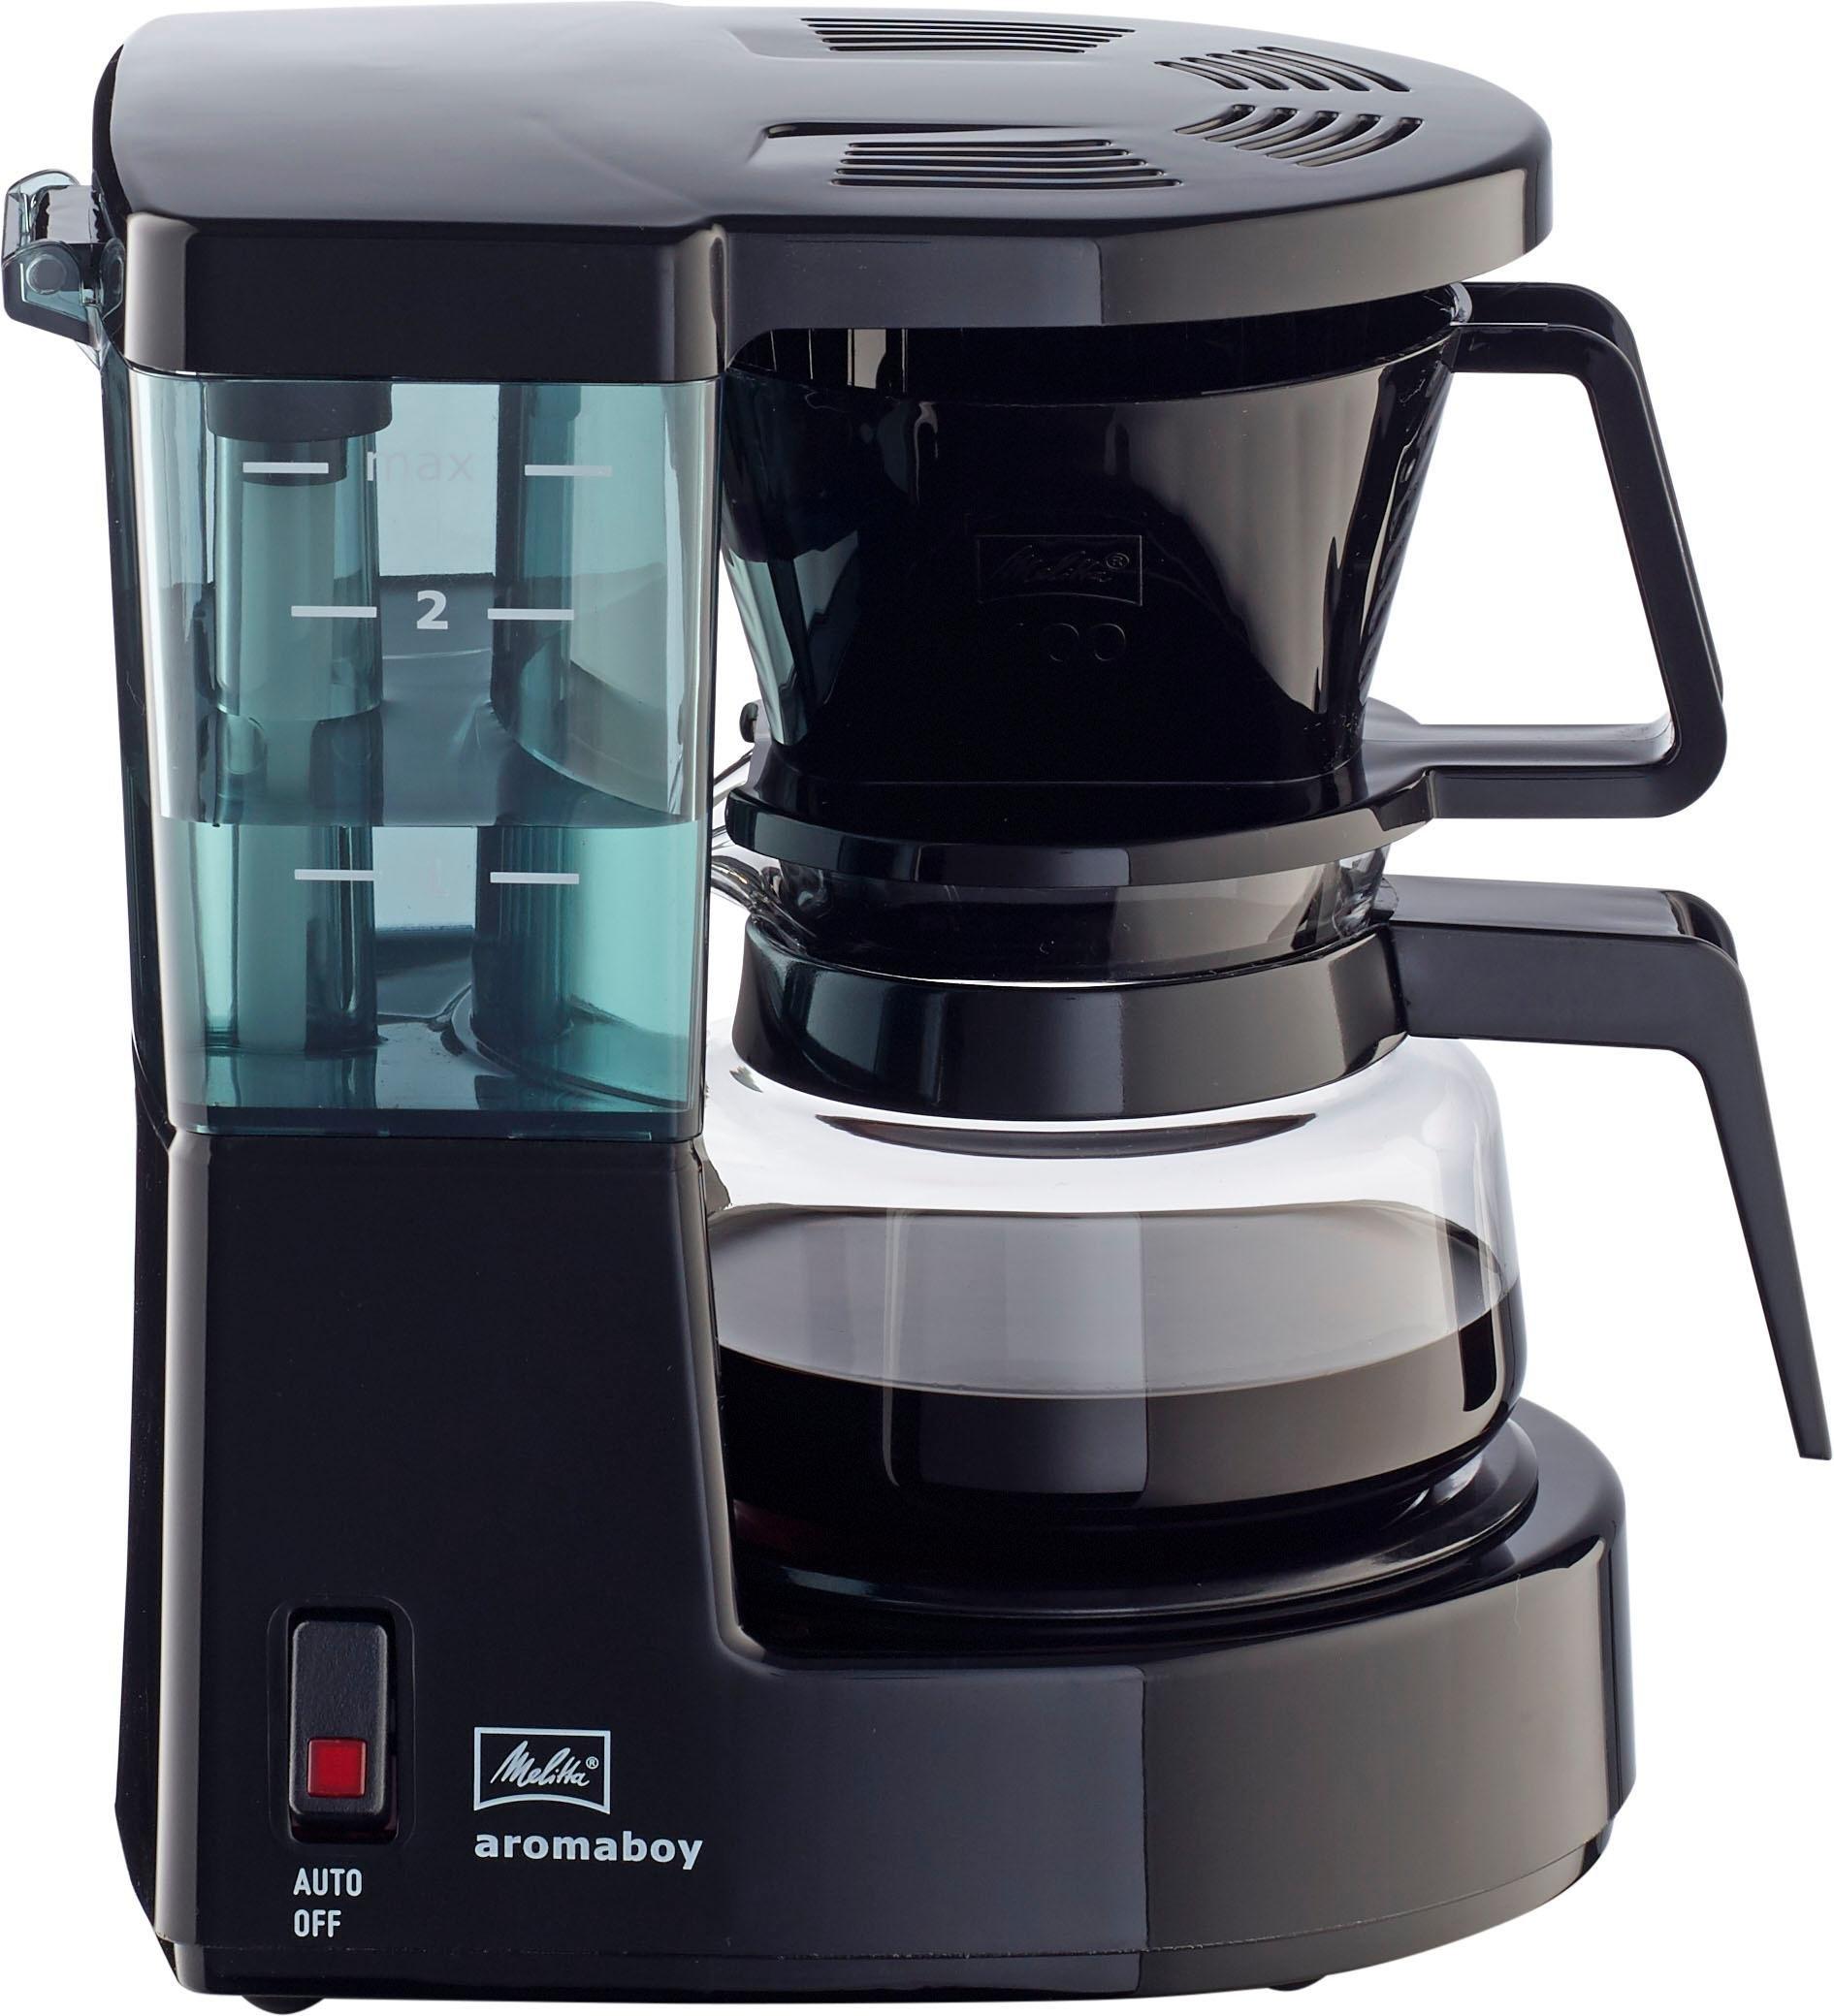 Melitta filterkoffieapparaat Melitta Aromaboy 1015-02, filterkoffieapparaat voor 1-2 kopjes in de webshop van OTTO kopen